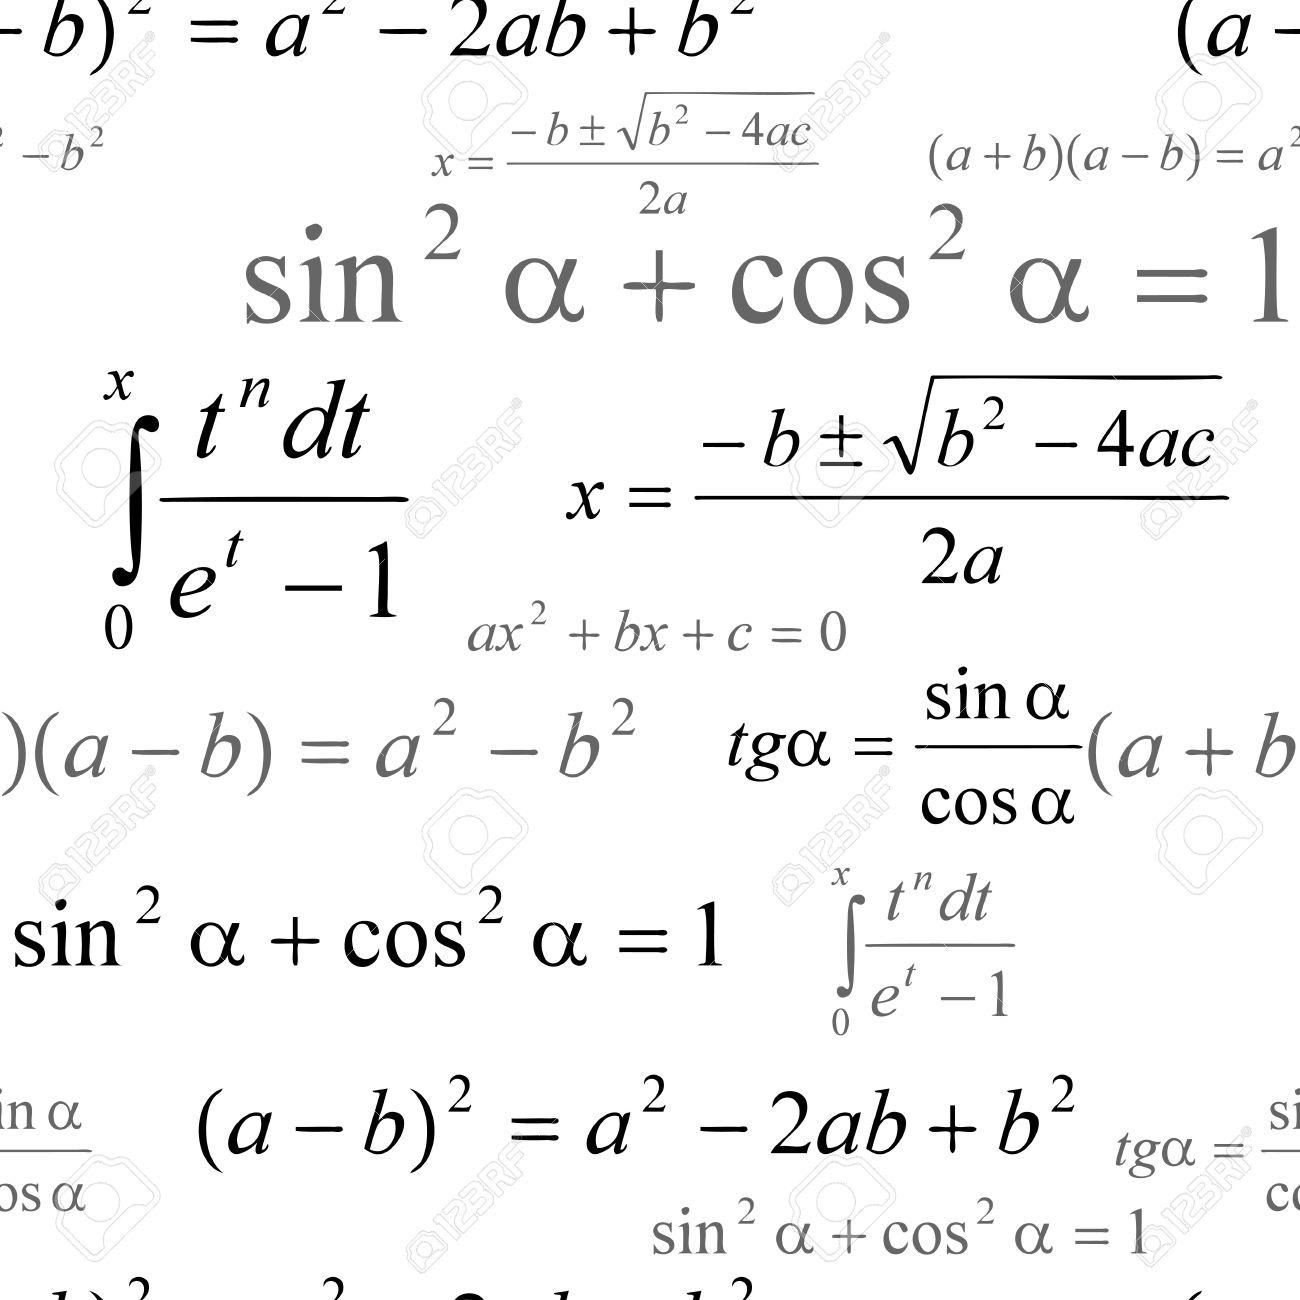 白の数式とシームレスに壁紙のイラスト素材 ベクタ Image